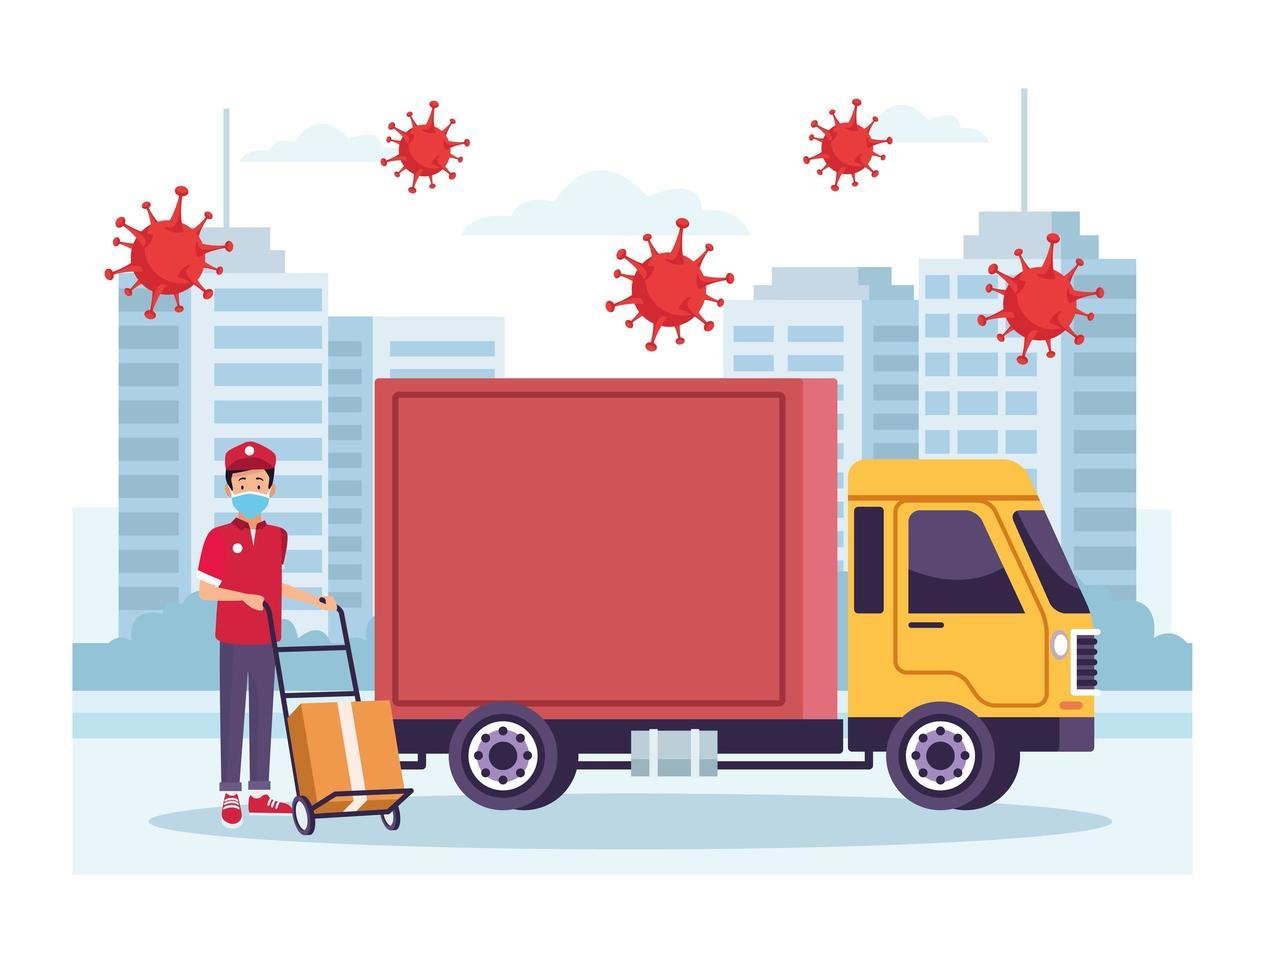 correio com serviço de entrega de caminhão com partículas de coronavírus vetor